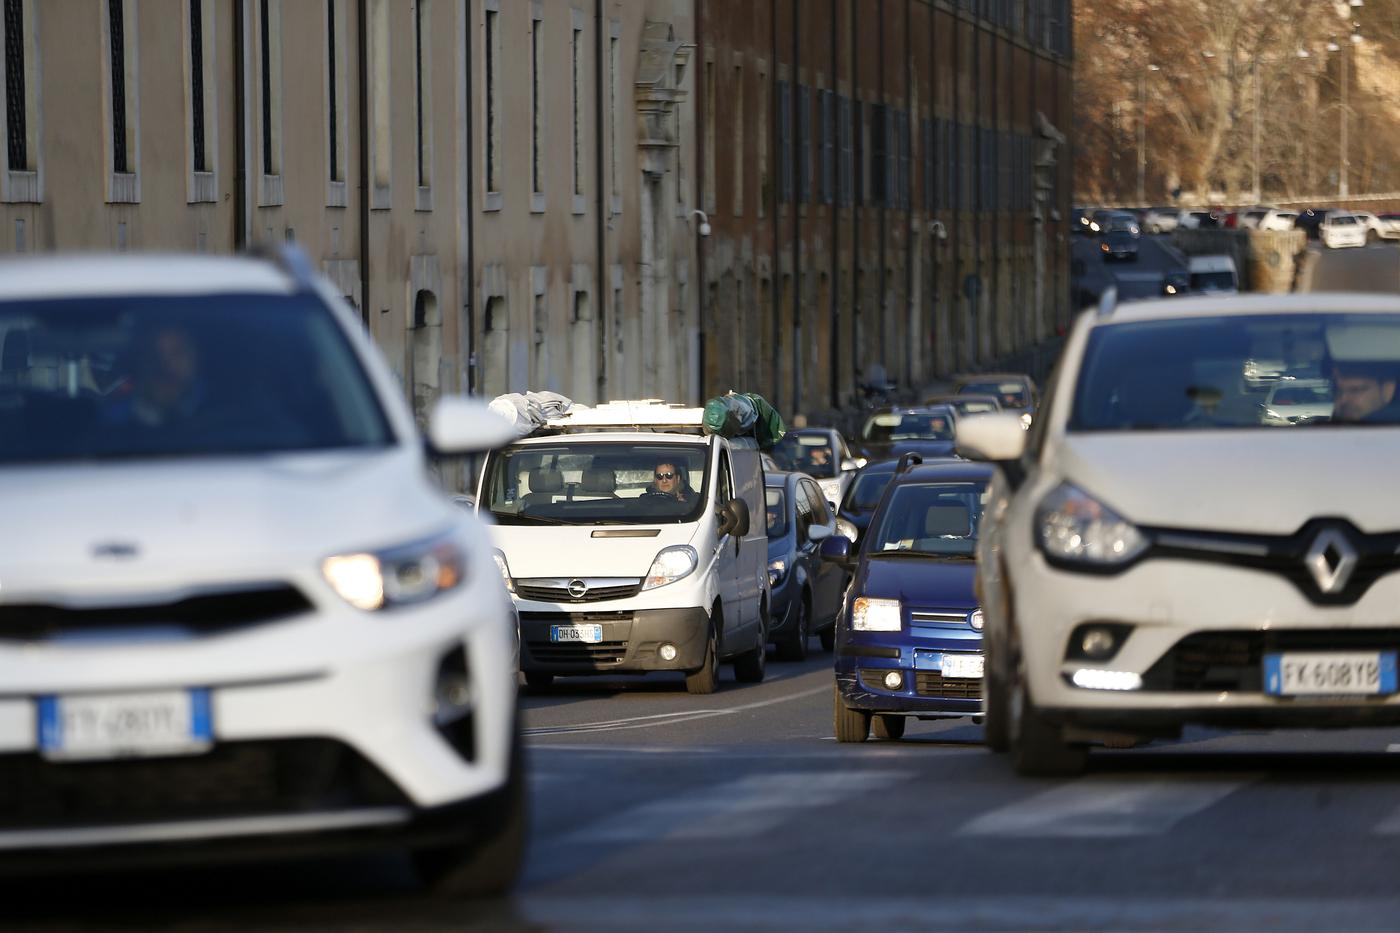 Emergenza inquinamento Stop Euro Diesel 3-4-5-6 per livelli alti di PM10